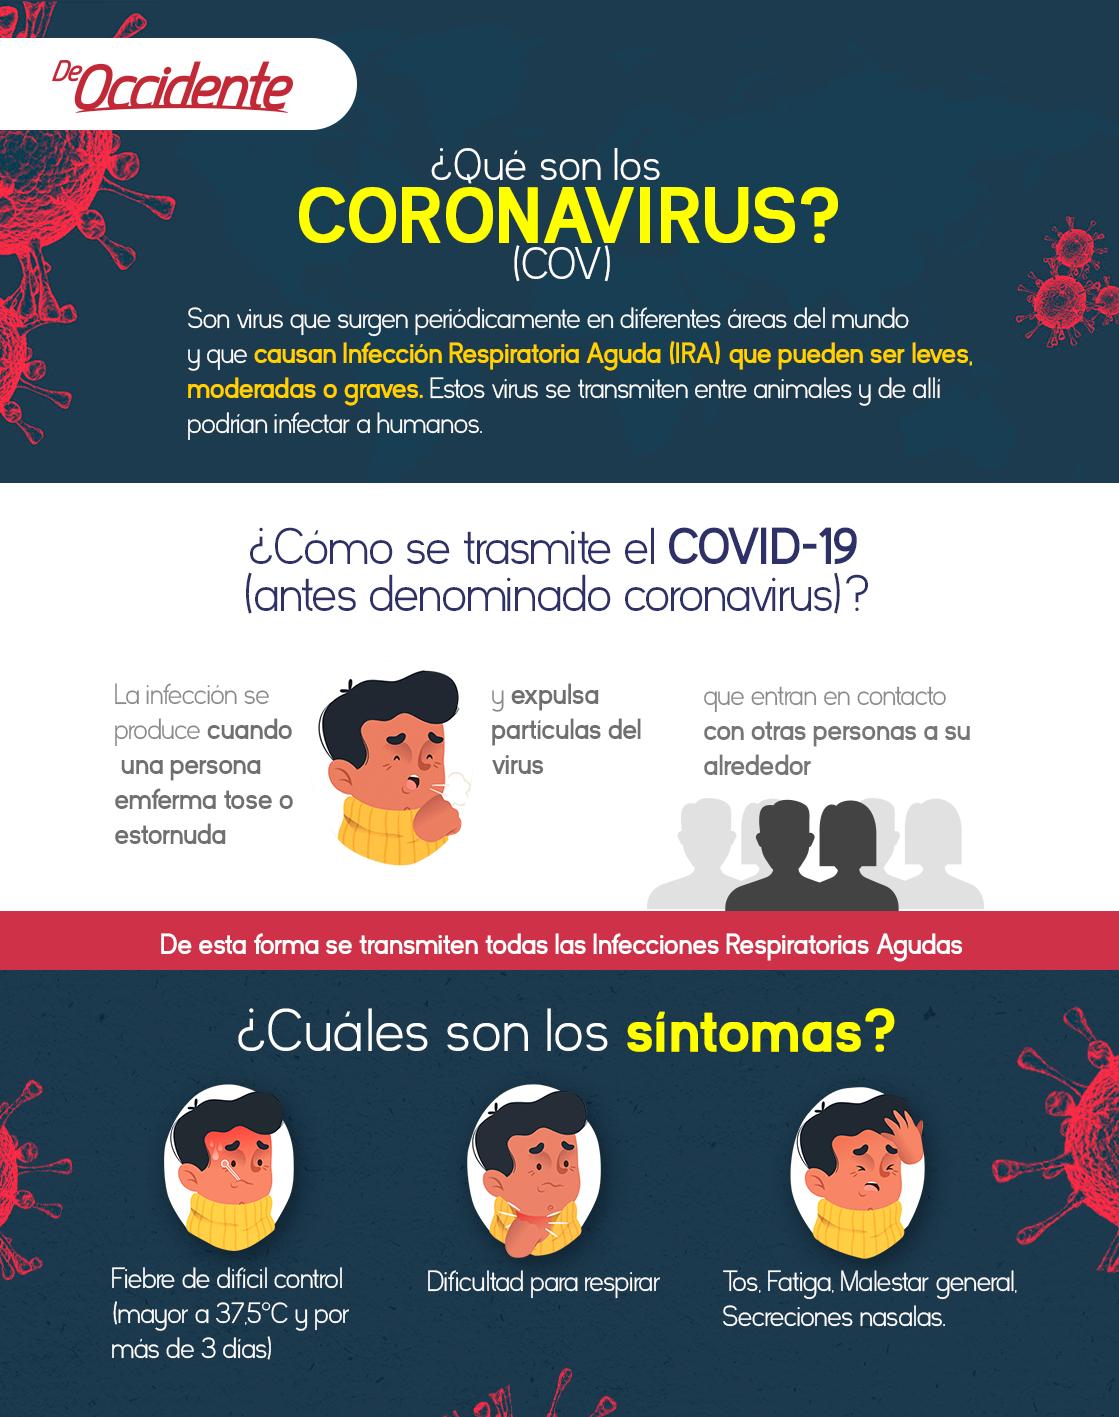 Qué son los coronavirus covid